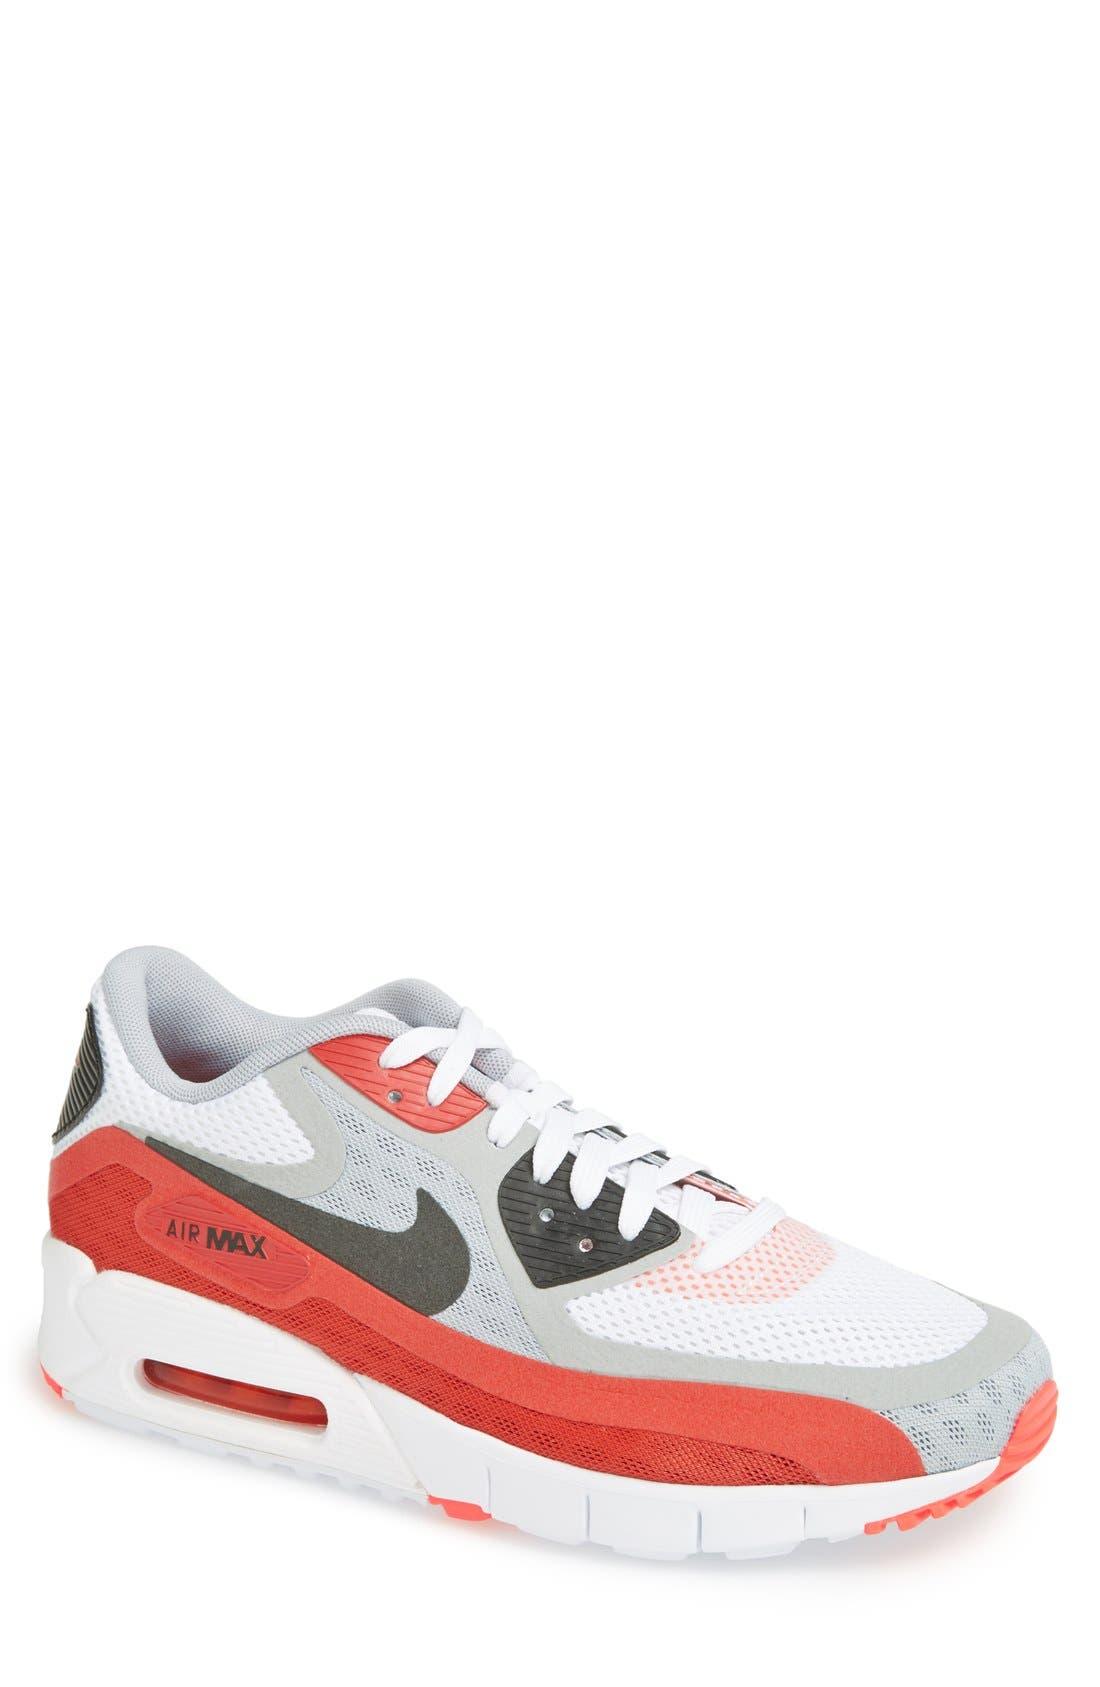 Main Image - Nike 'Air Max 90 Breeze' Sneaker (Men)